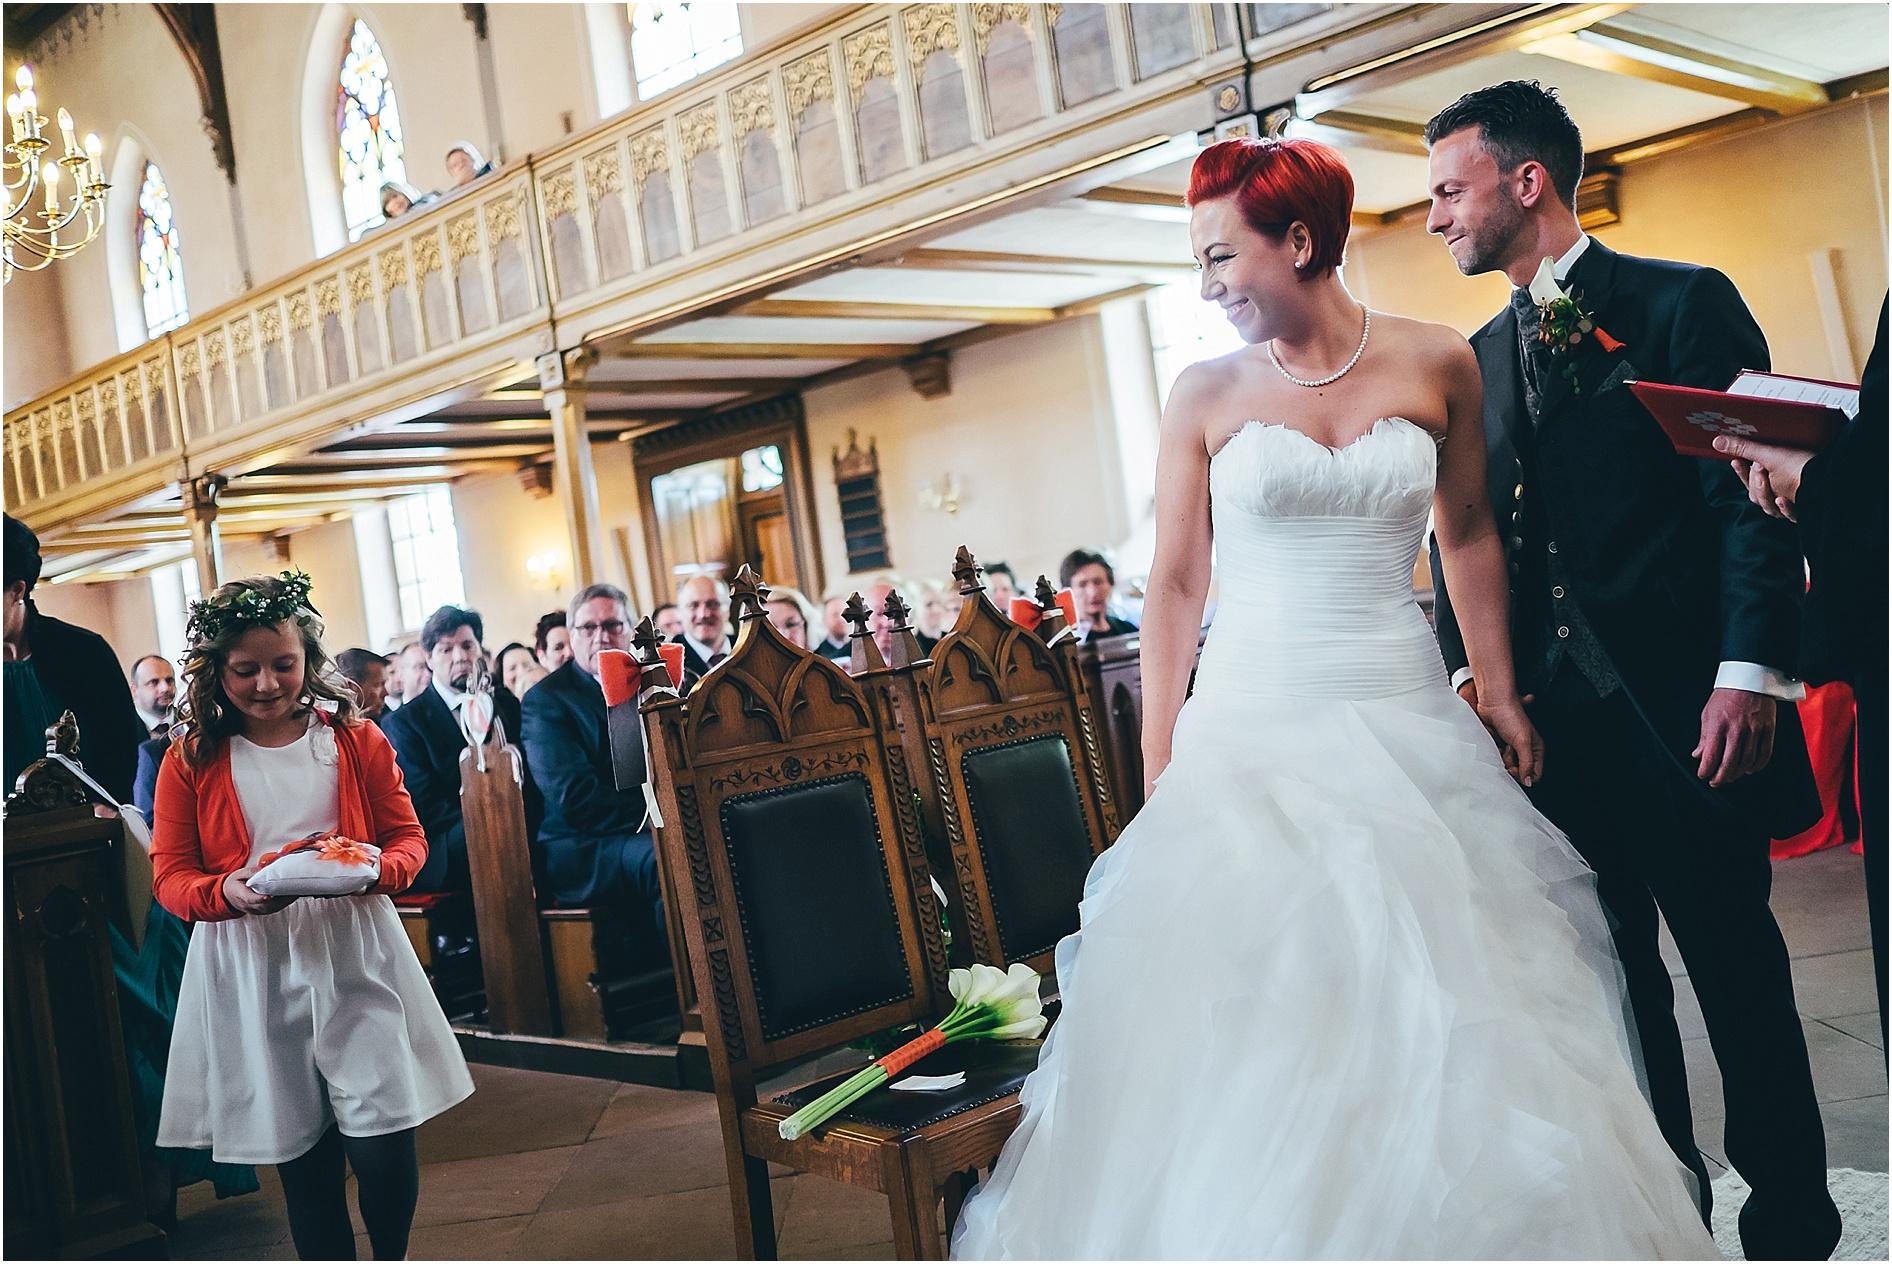 2015-10-27_0037 Tine & Chrischan - Hochzeitsfilm & Fotos in Lüneburg